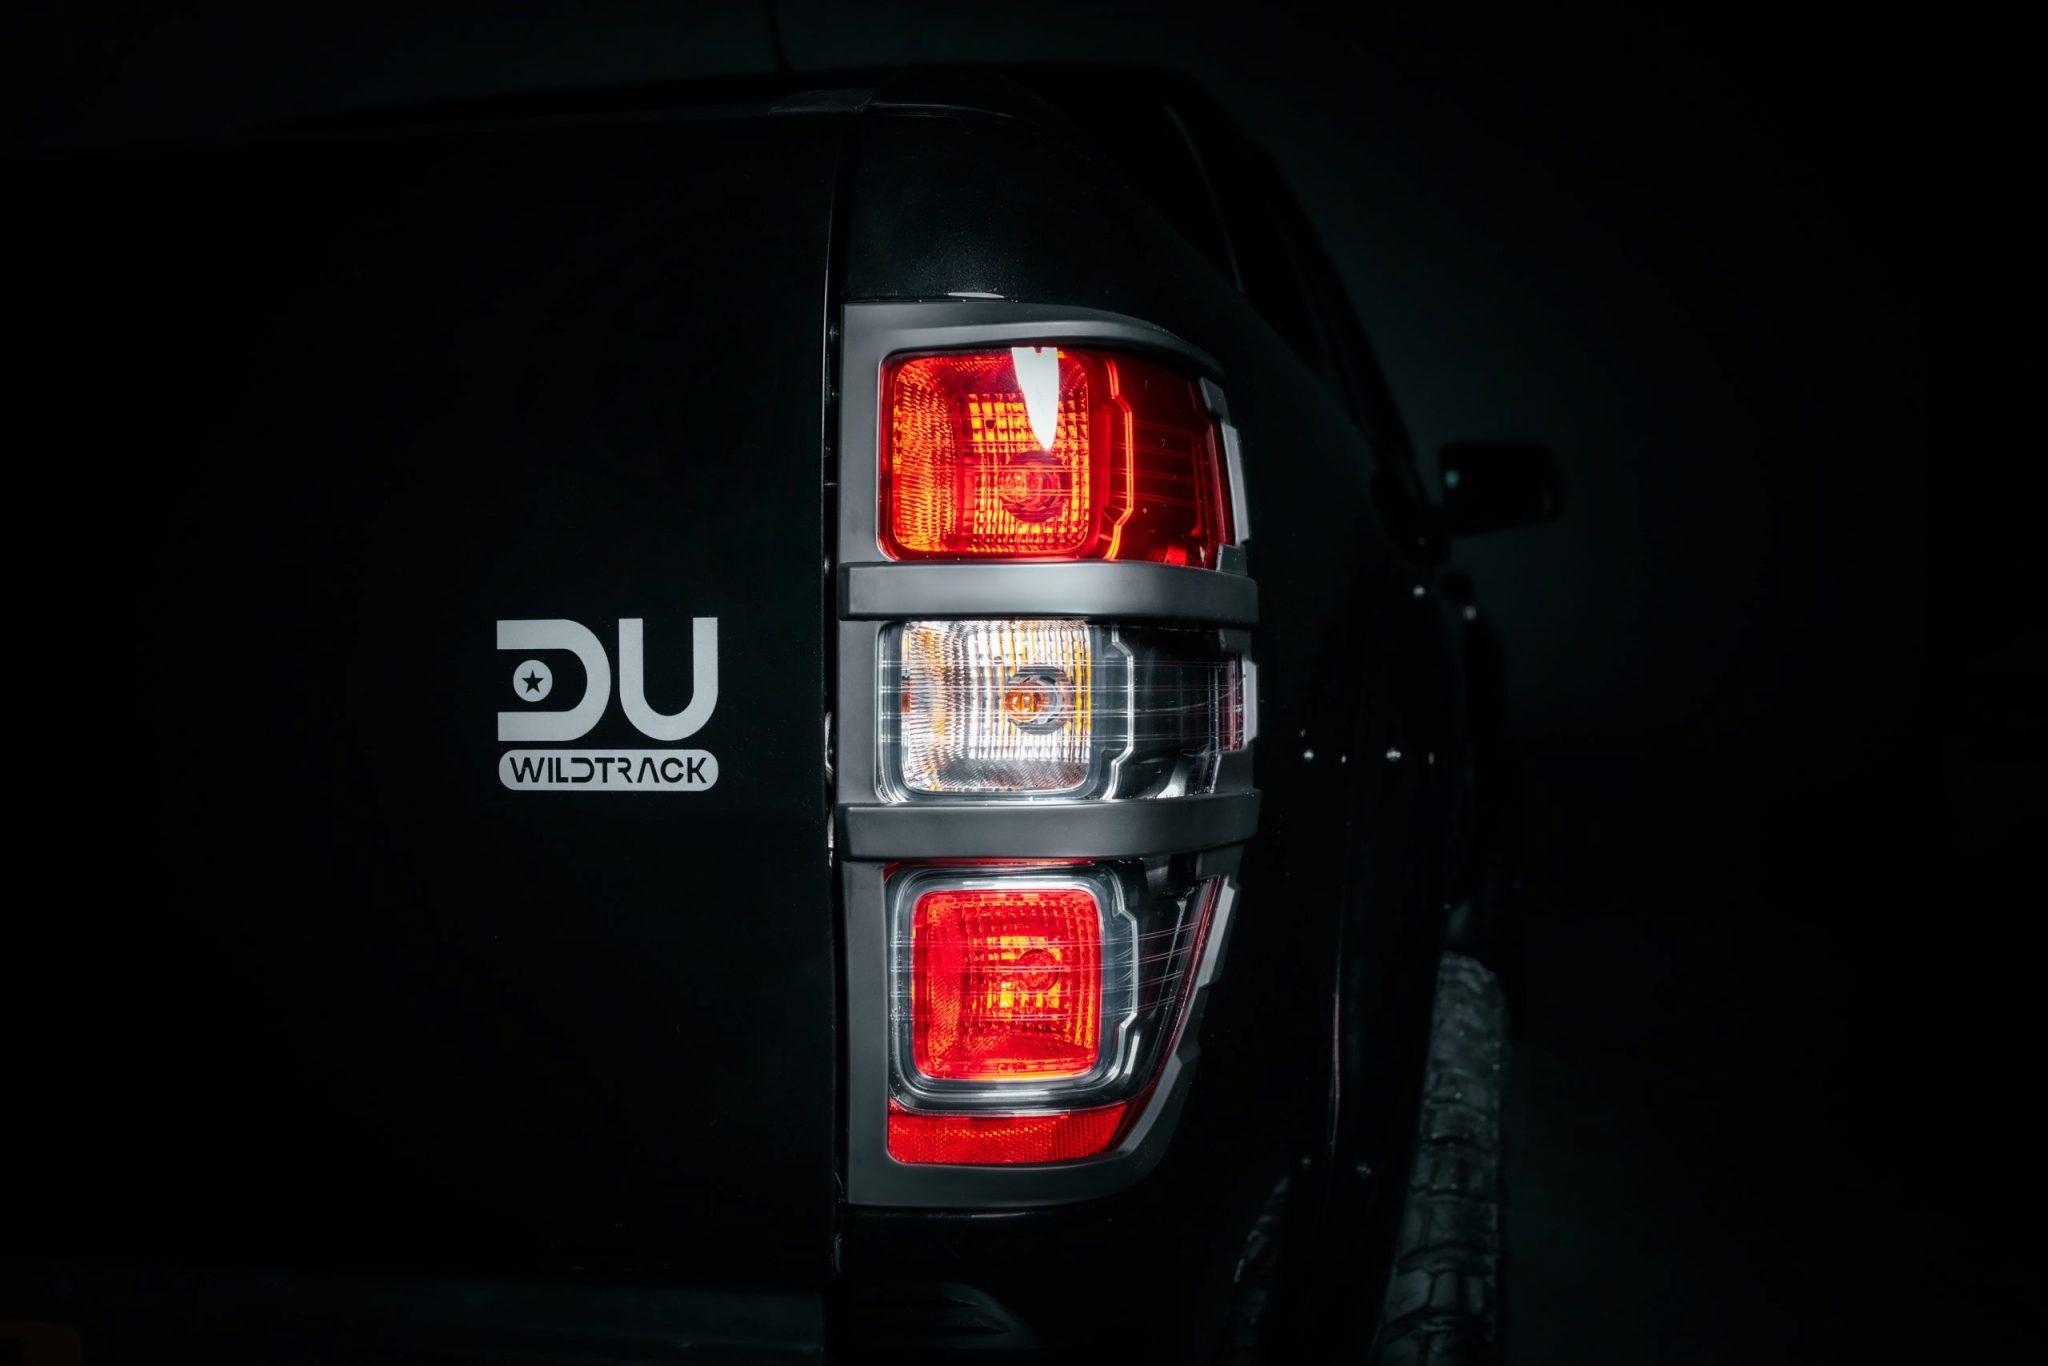 Dirty Unicorn | DU-Wildtrack